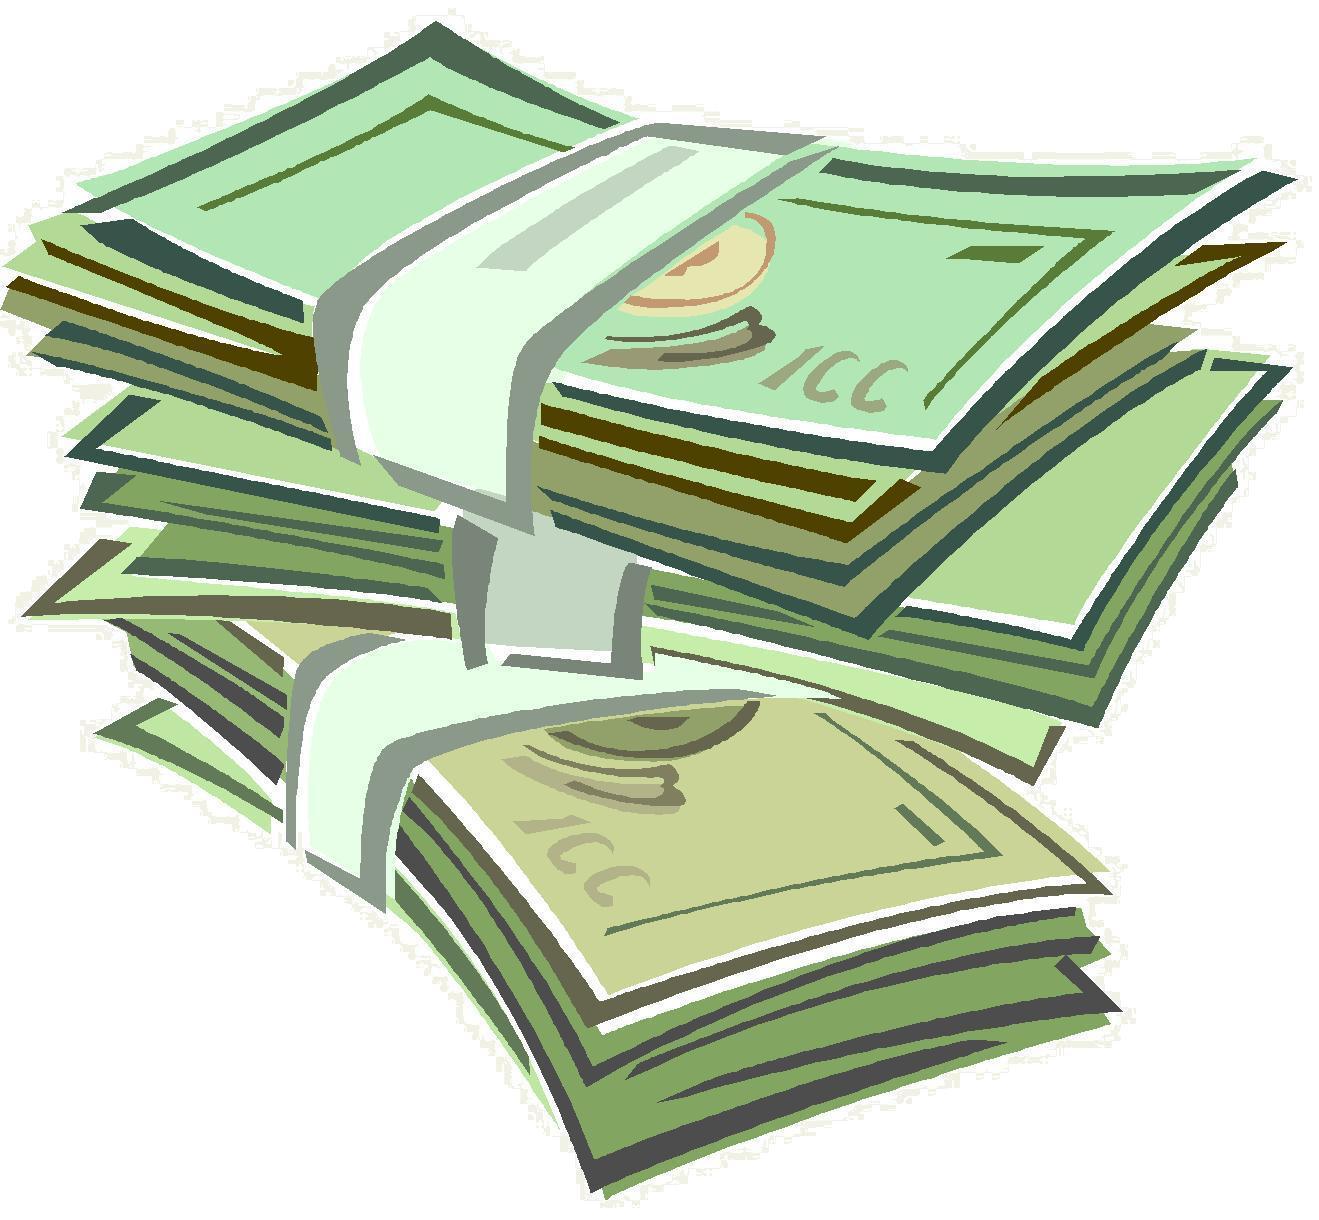 Cash clipart banker Clipart Png Stack money%20stack%20clip%20art Images